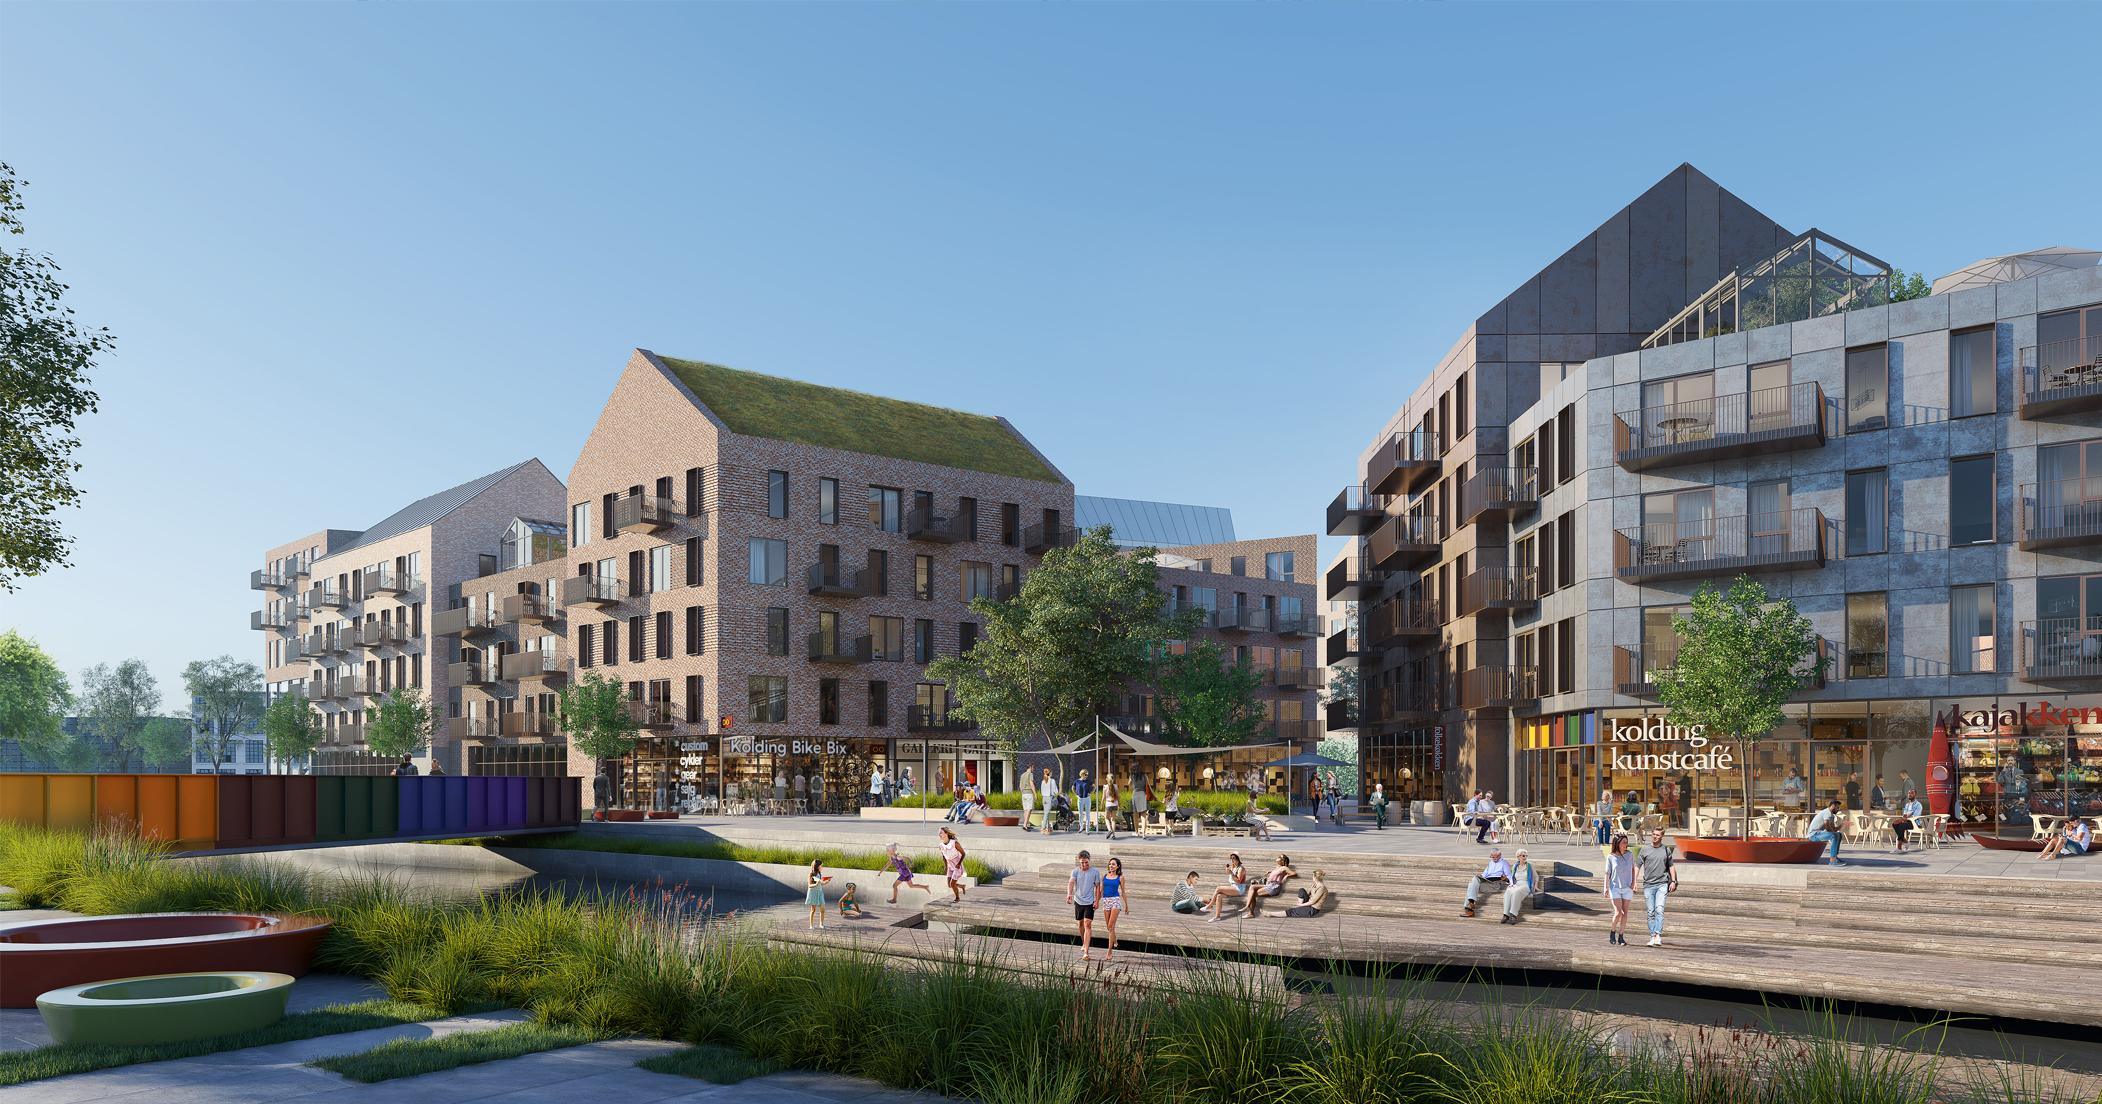 Åkvarteret er Koldings nye midtbykvarter